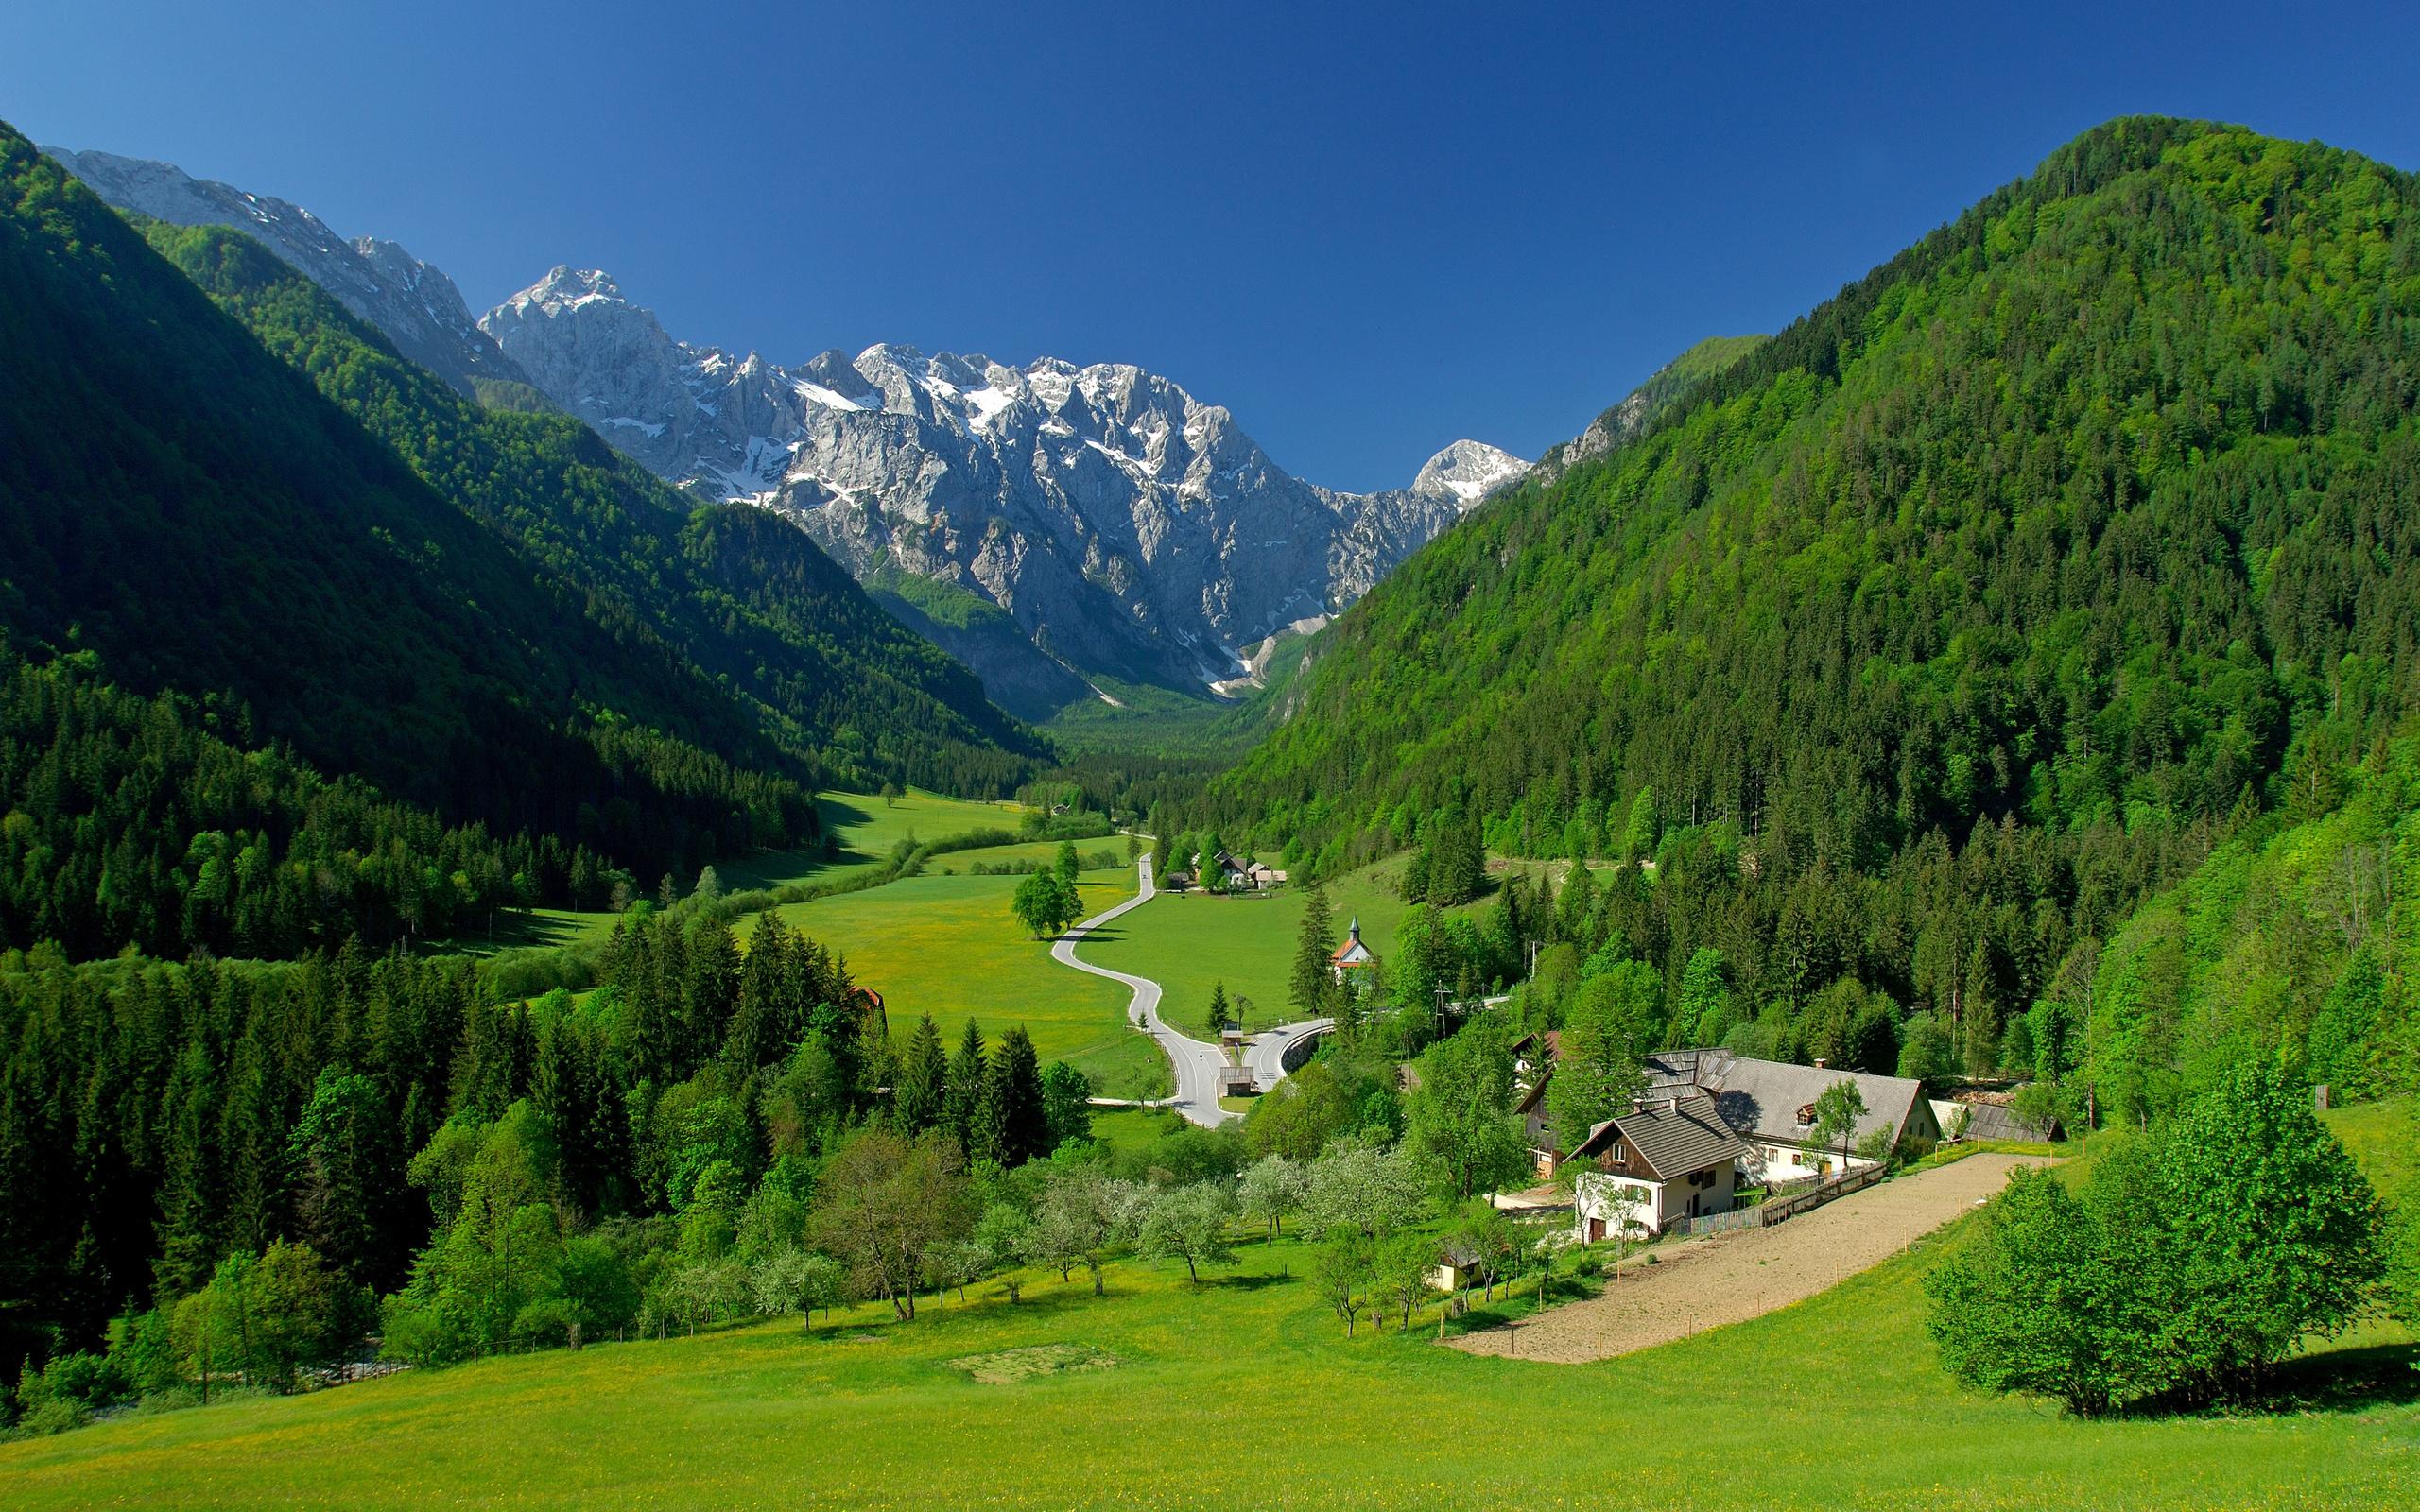 обои на рабочий стол альпийская деревня